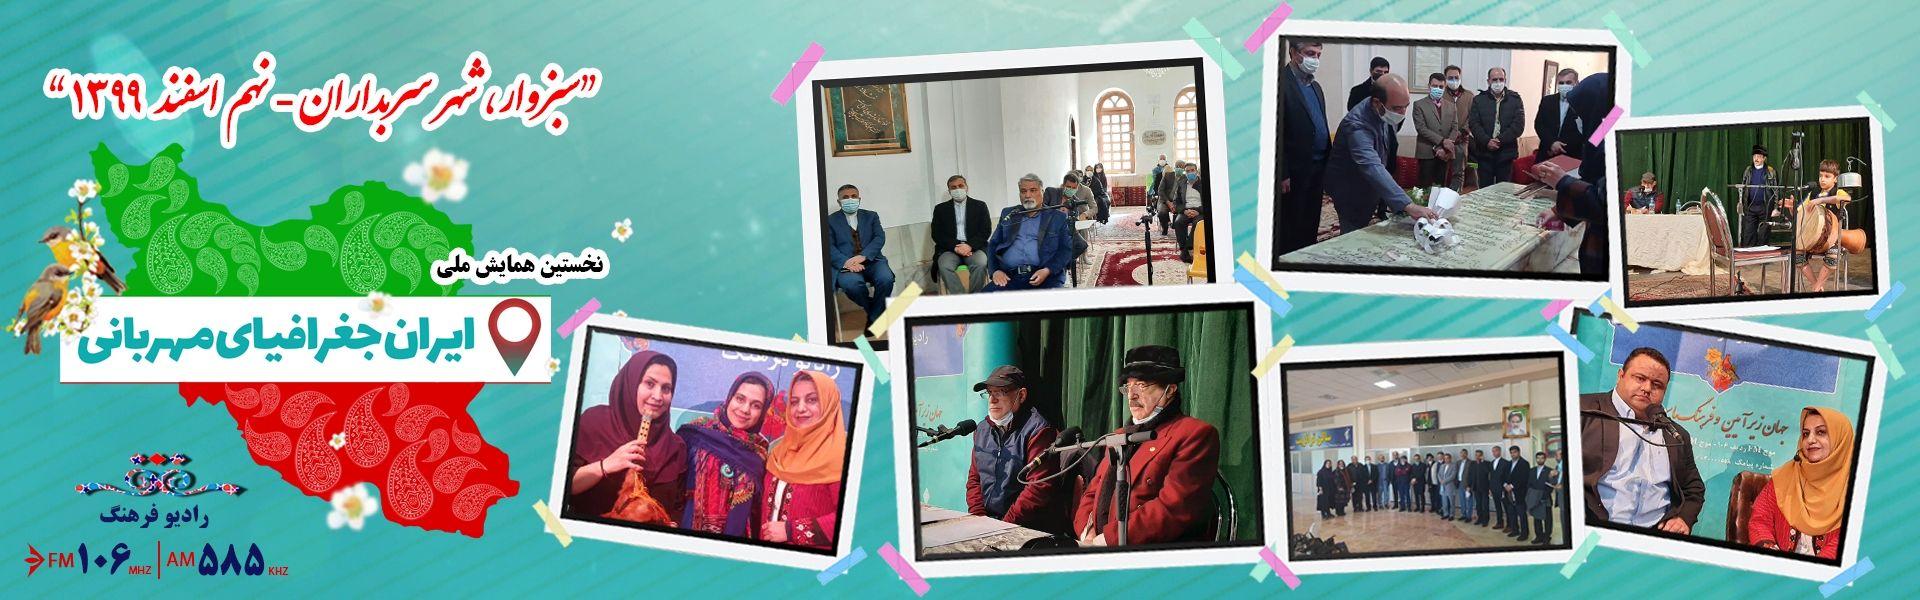 برگزاری نخستین همایش ملی ایران جغرافیای مهربانی